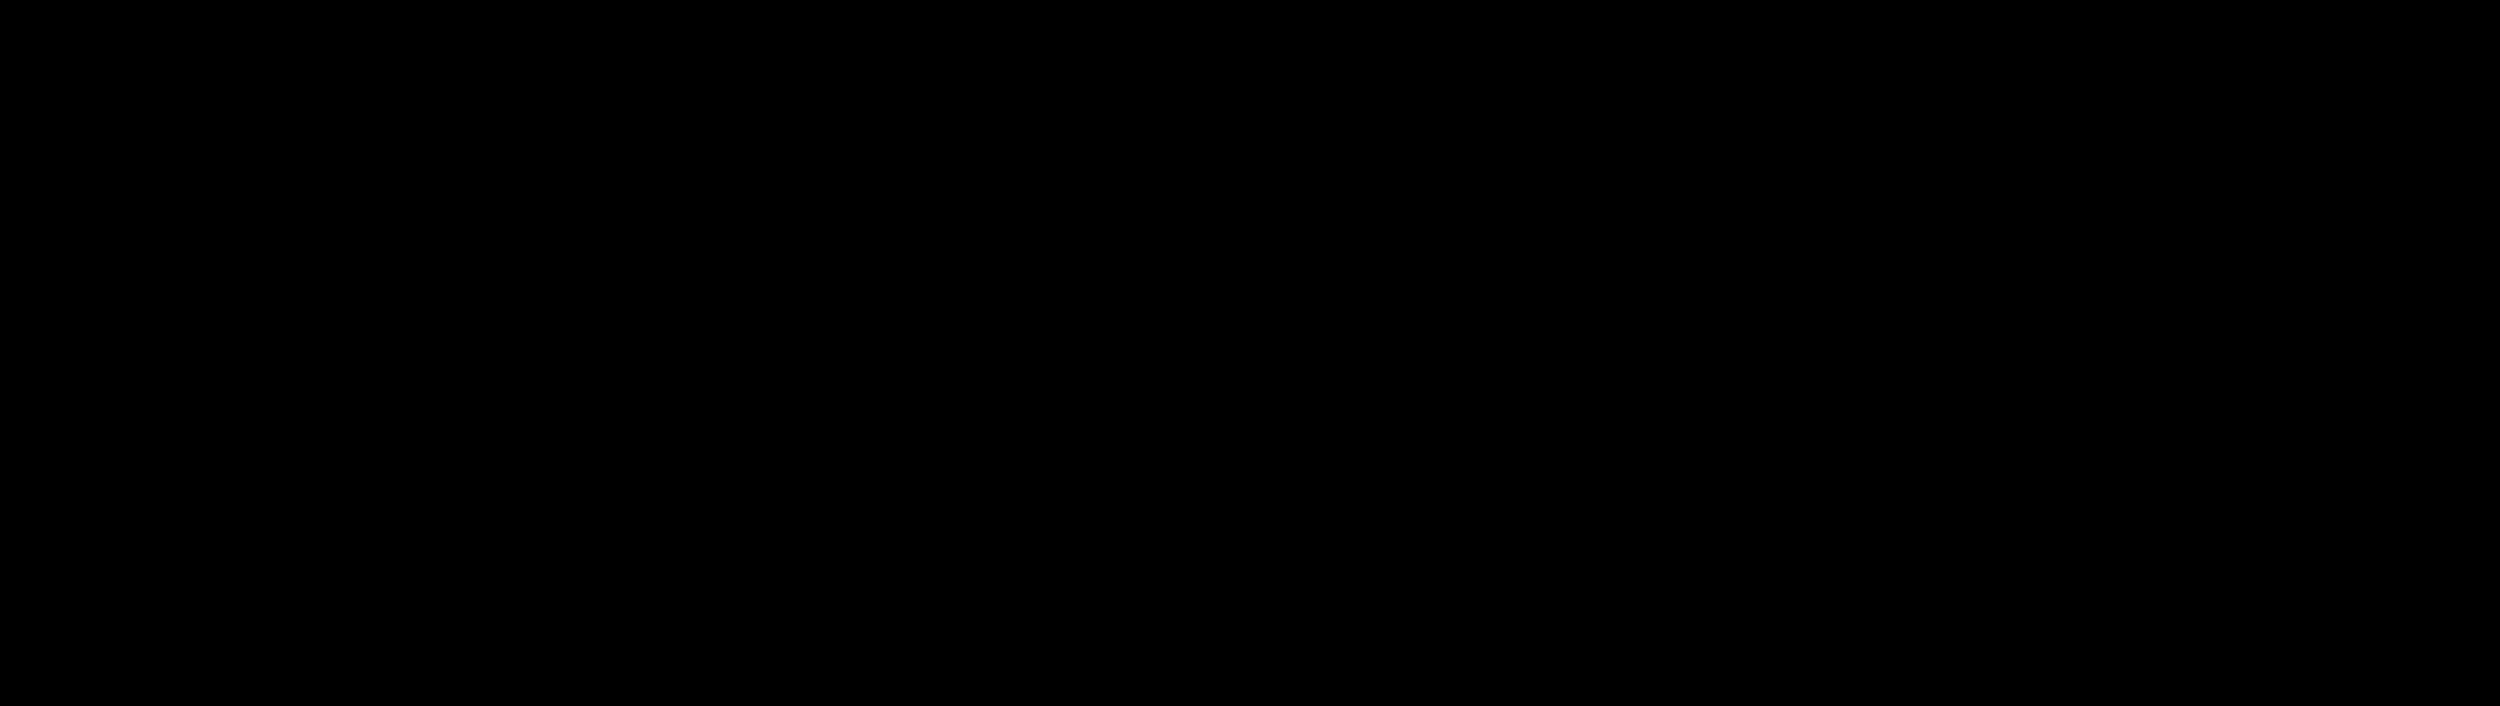 BIC_logo_black.png